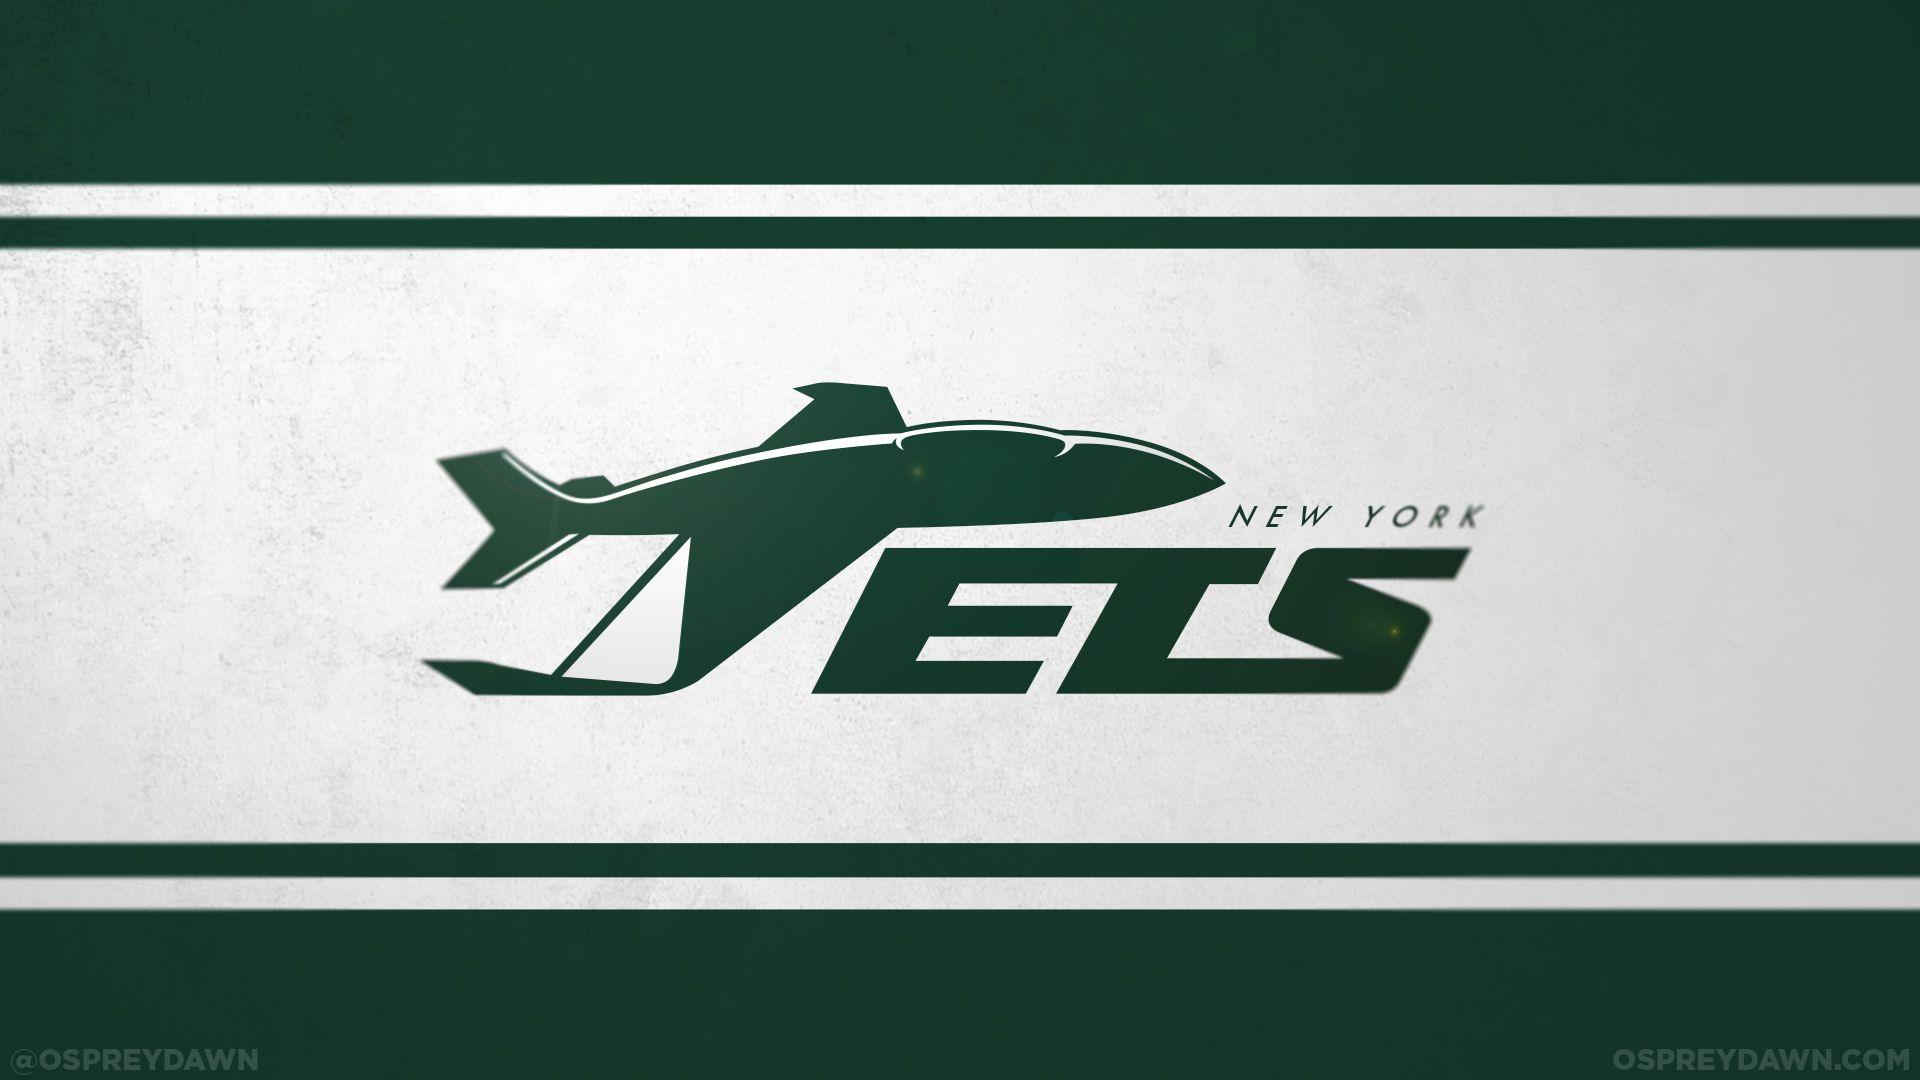 Ny Jets Desktop Wallpaper Wallpapersafari Nfl Teams Logos